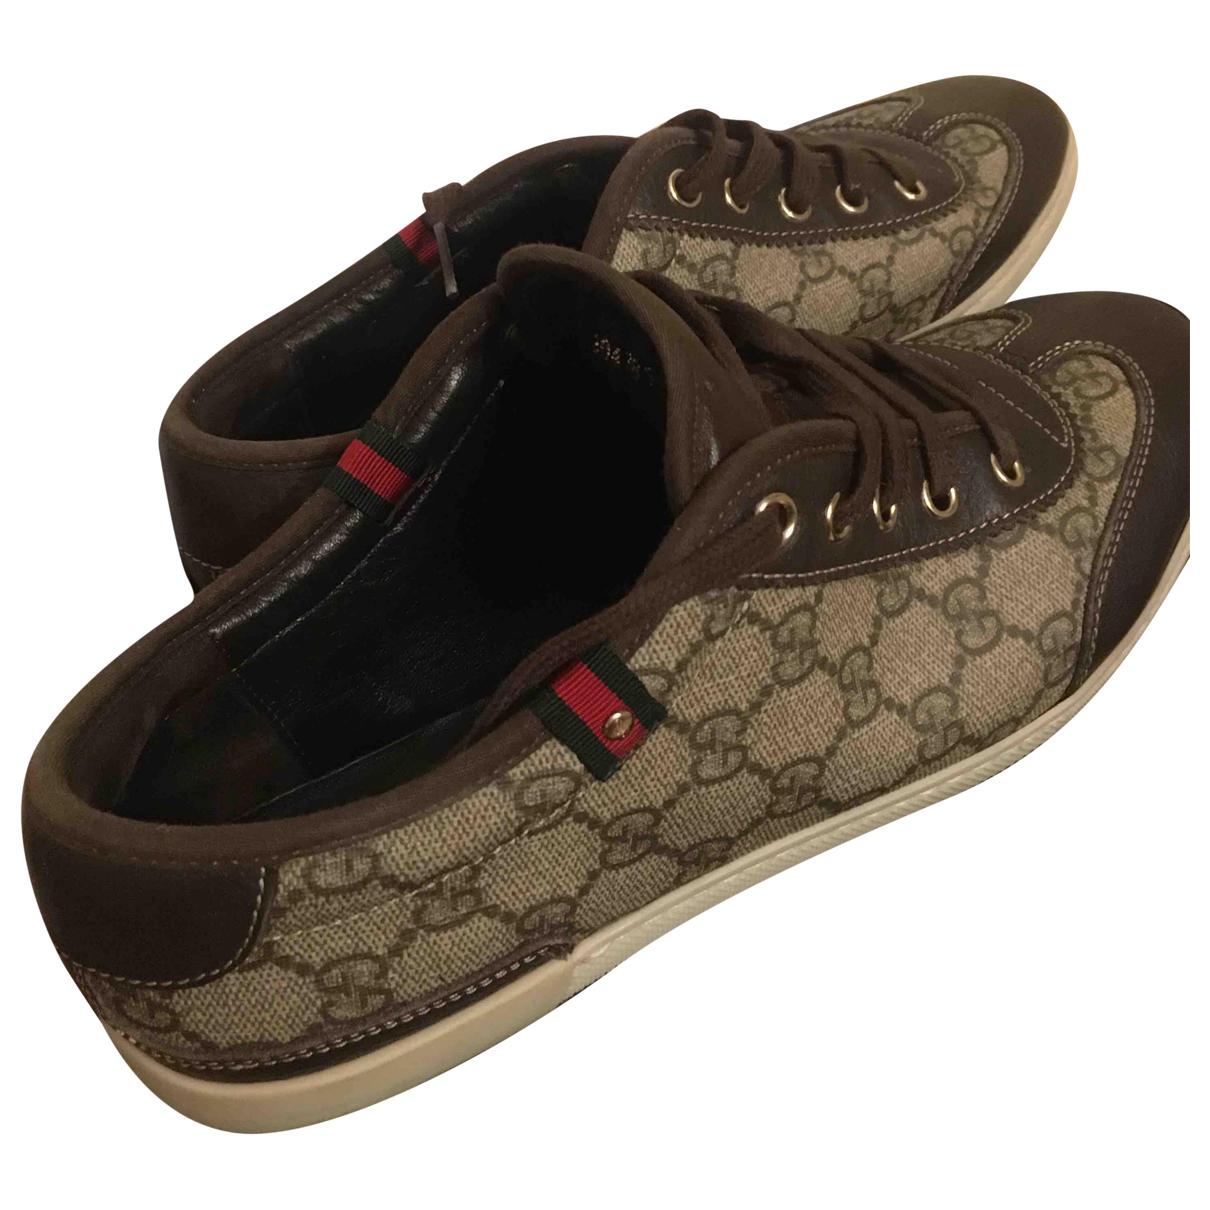 Gucci - Baskets   pour homme en toile - marron